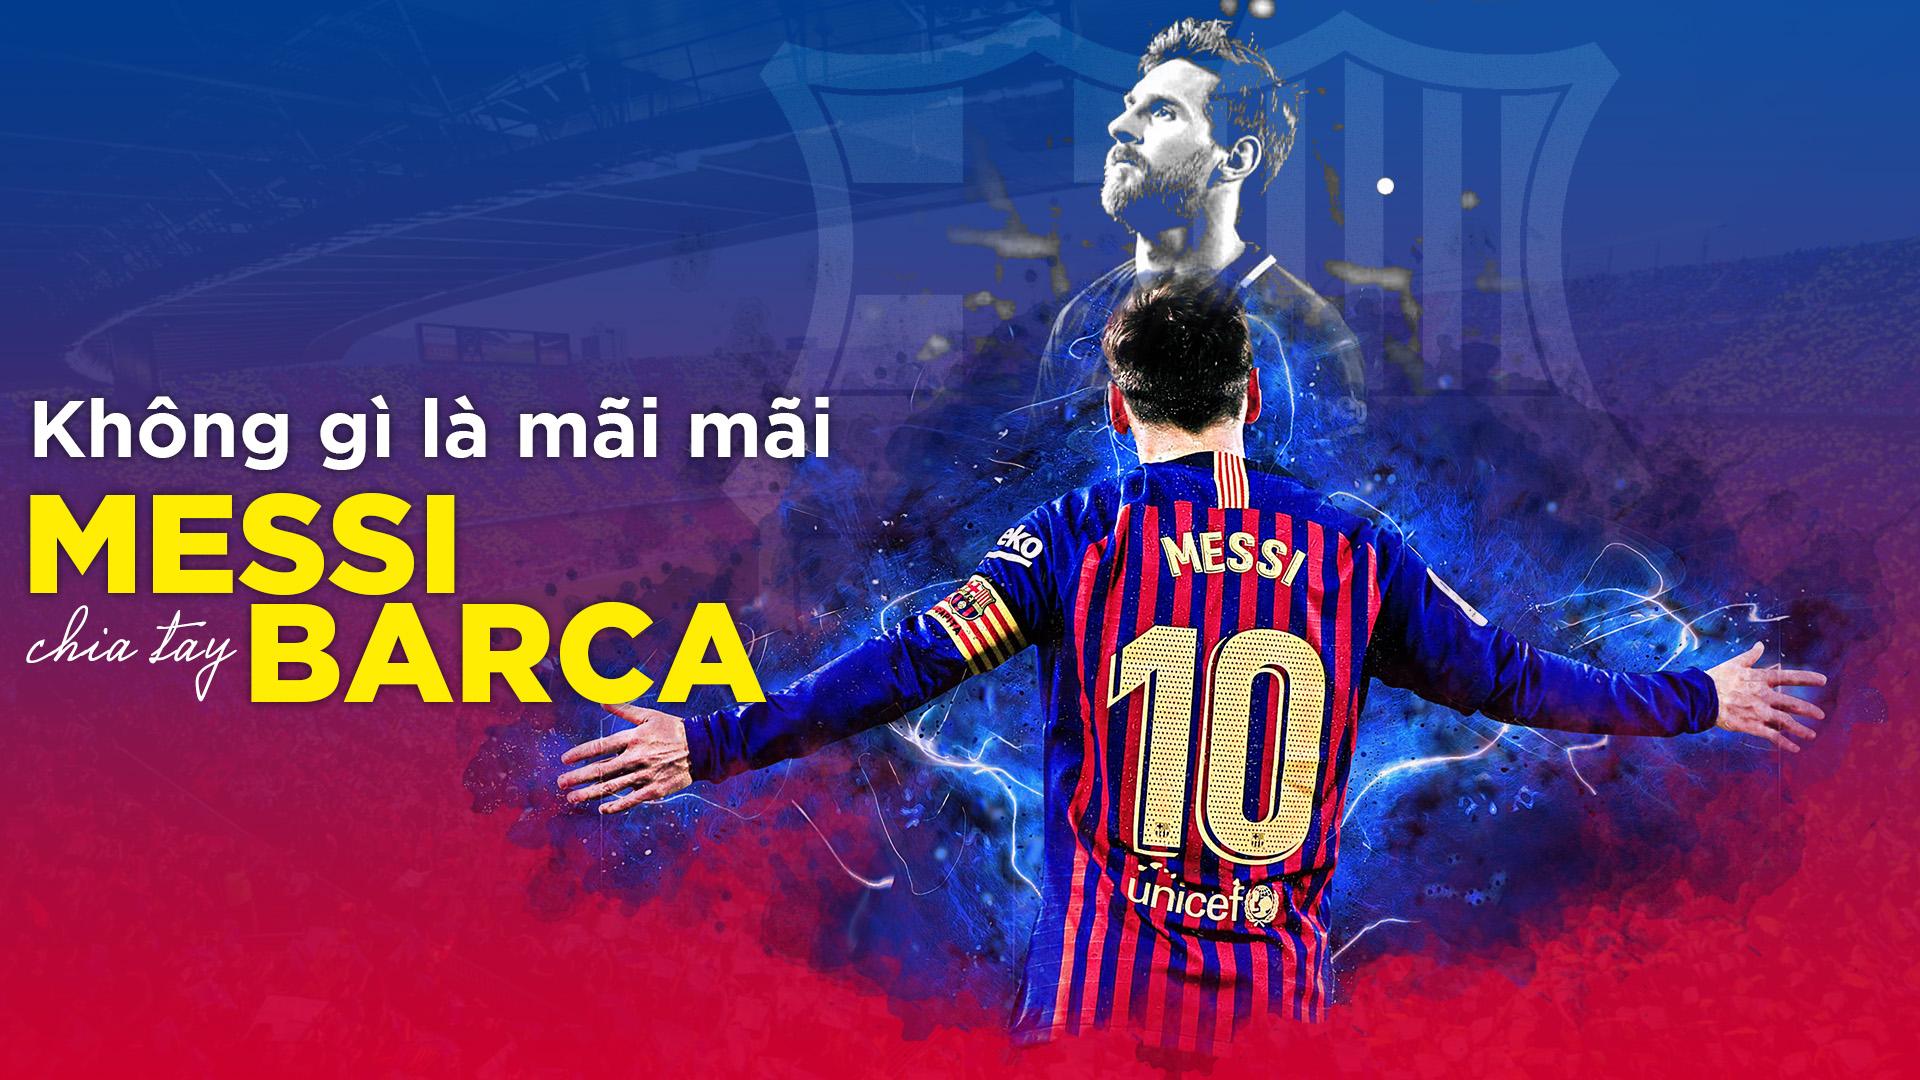 Không gì là mãi mãi, và Messi chia tay Barca -0